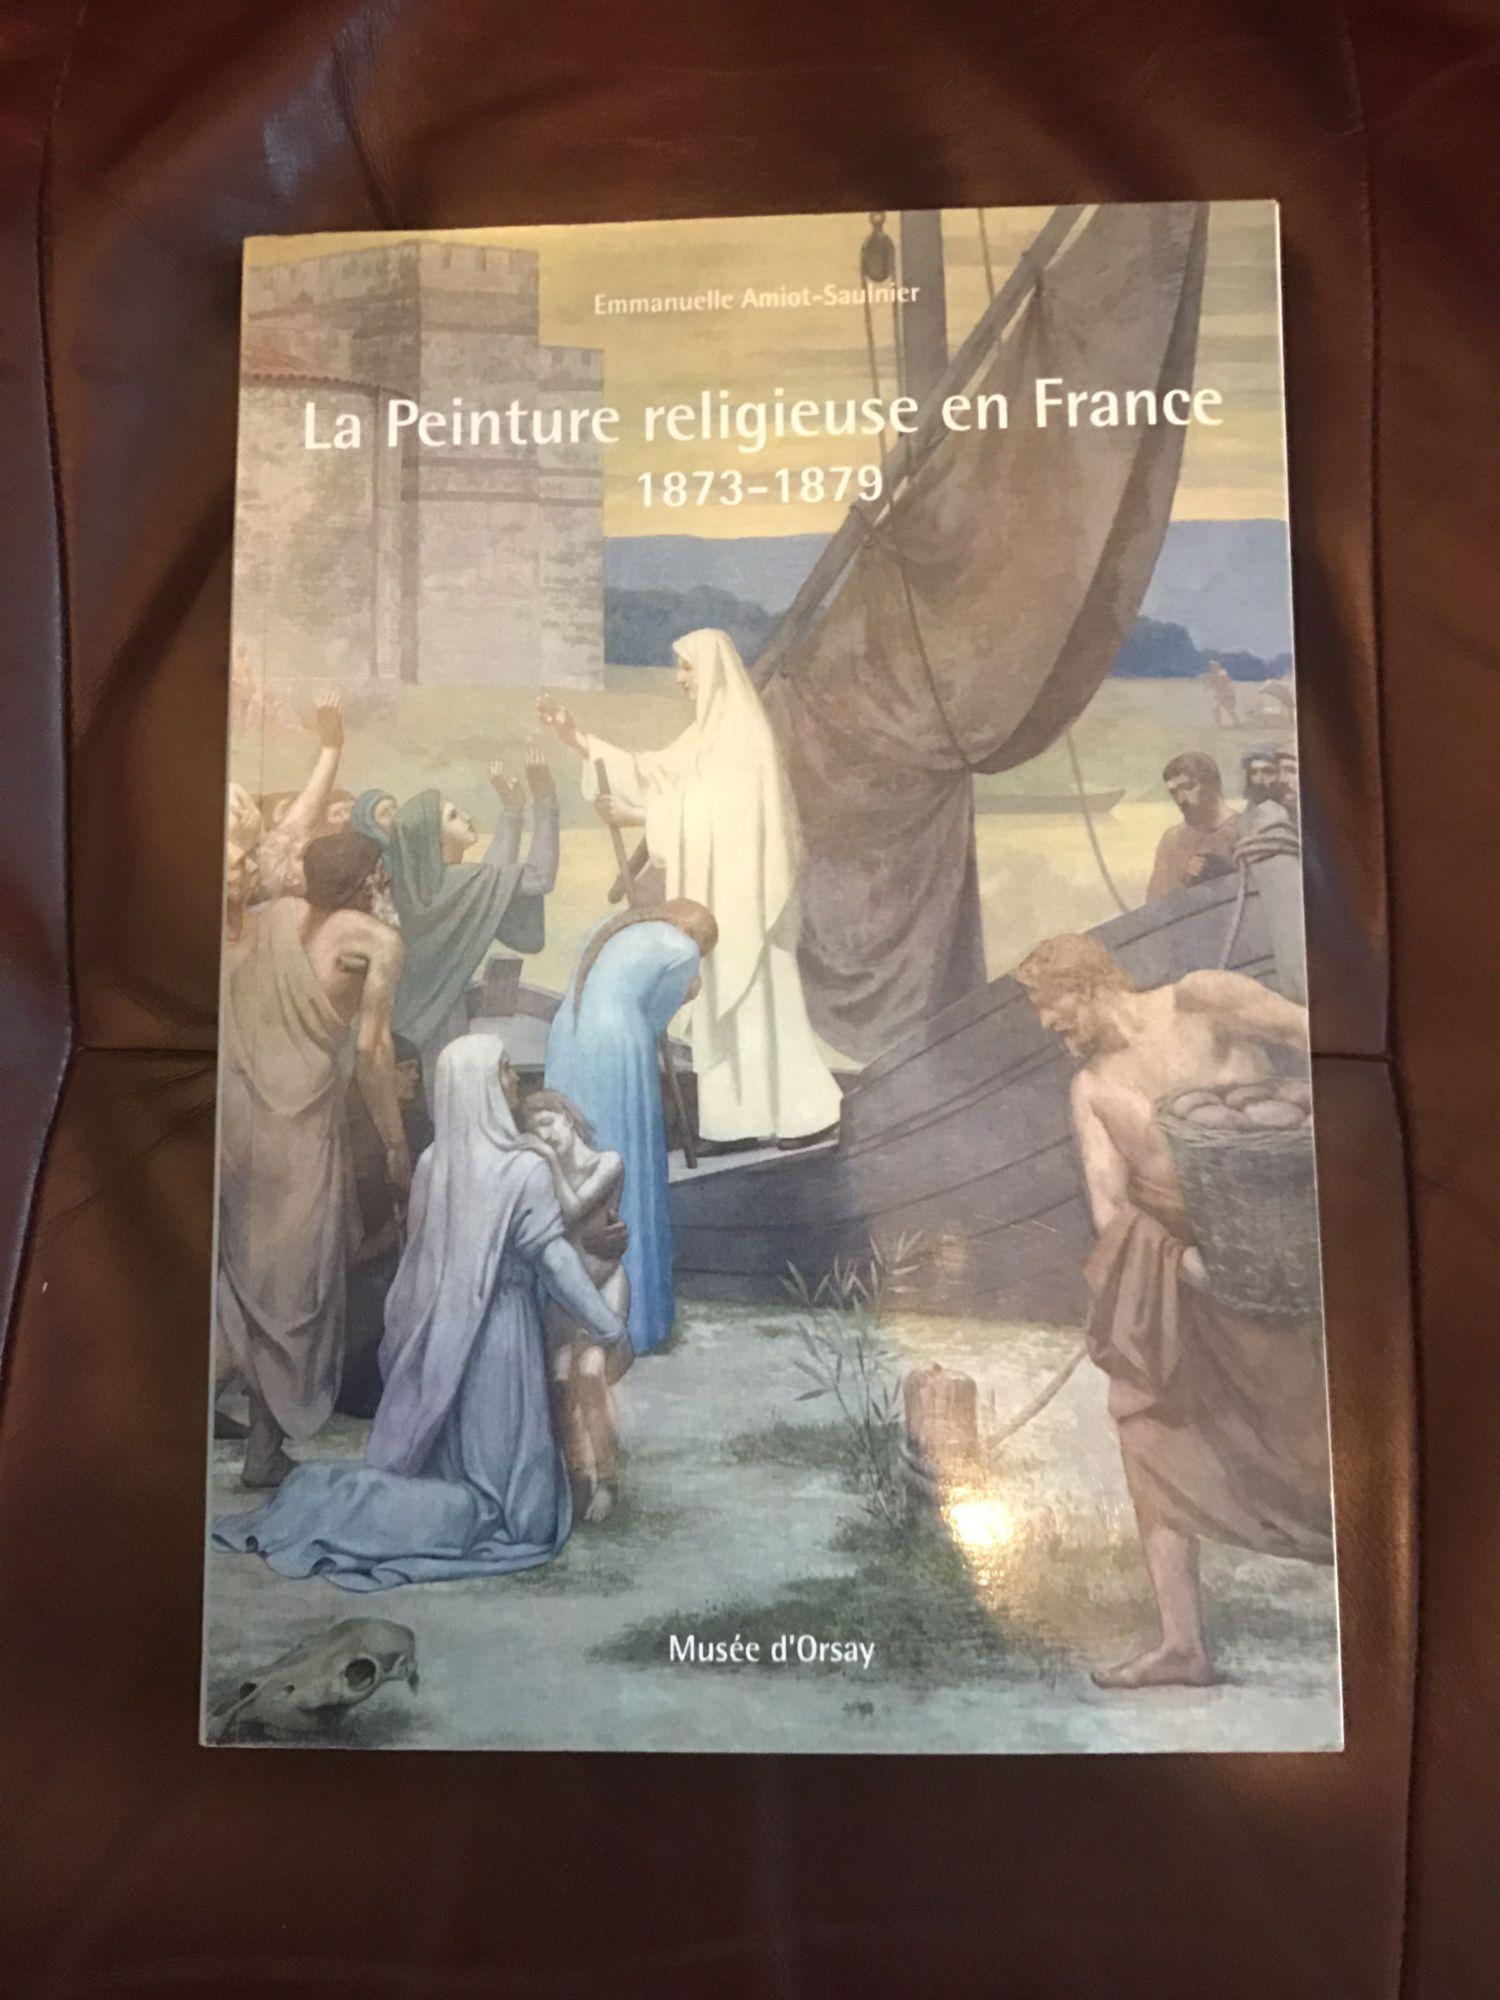 Peint Relig France 1873-1879